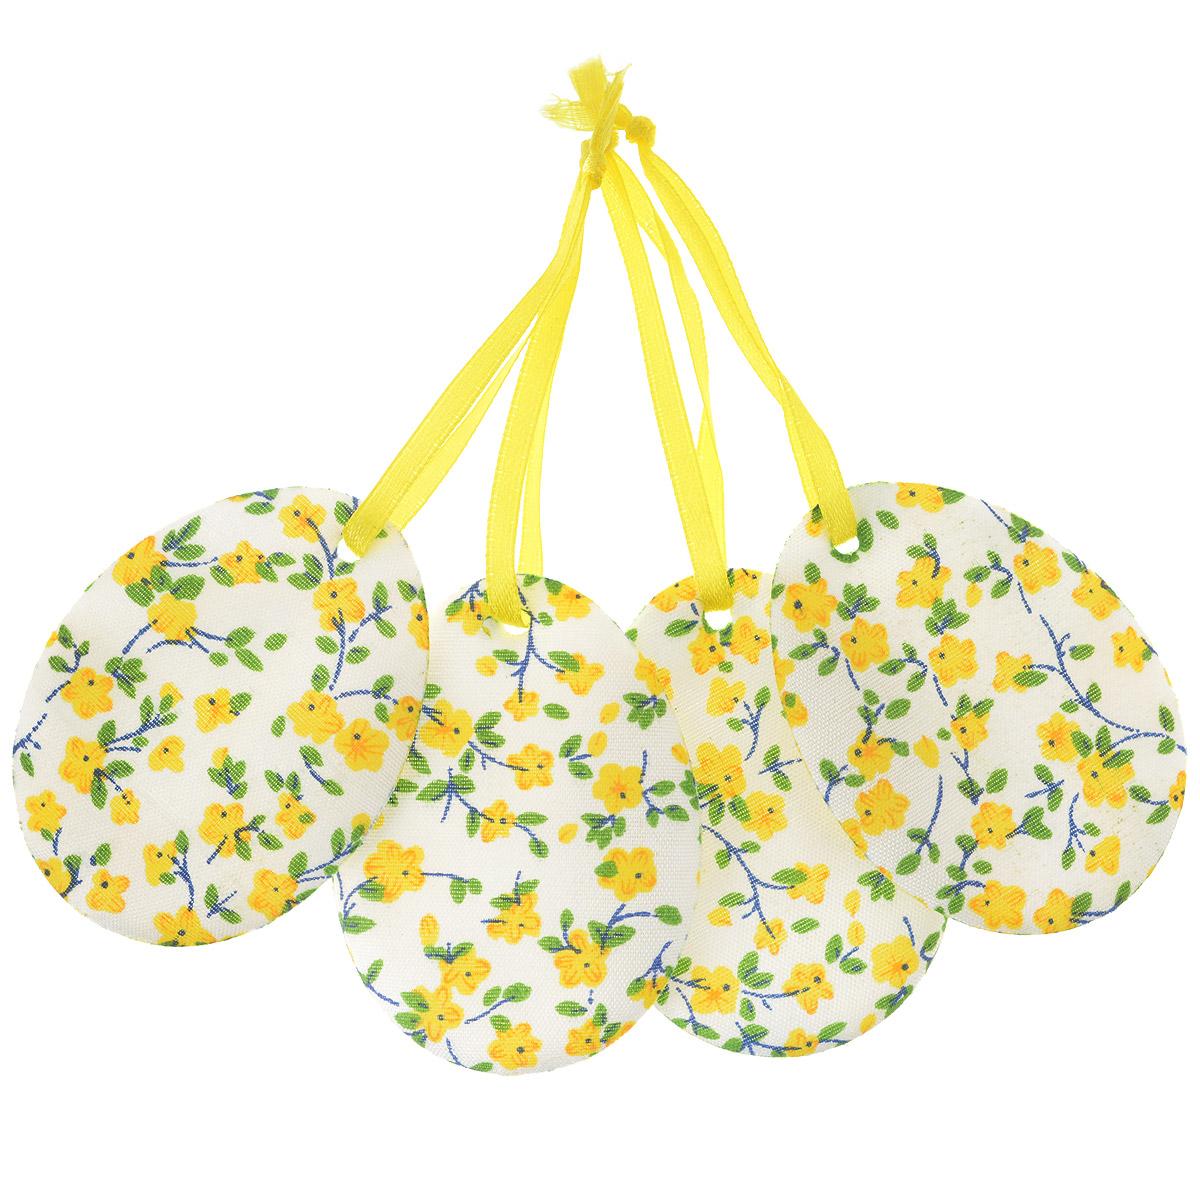 Набор пасхальных подвесных украшений Home Queen Яркий день, цвет: желтый, 4 шт60797_4Набор Home Queen Яркий день, изготовленный из полиэстера, состоит из четырех пасхальных подвесных украшений. Изделия выполнены в виде пасхальных яиц с мягким наполнителем, декорированы цветочным принтом и оснащены текстильными петельками для подвешивания. Такой набор прекрасно дополнит оформление вашего дома на Пасху. Размер украшения: 6,5 см х 5 см х 0,3 см.